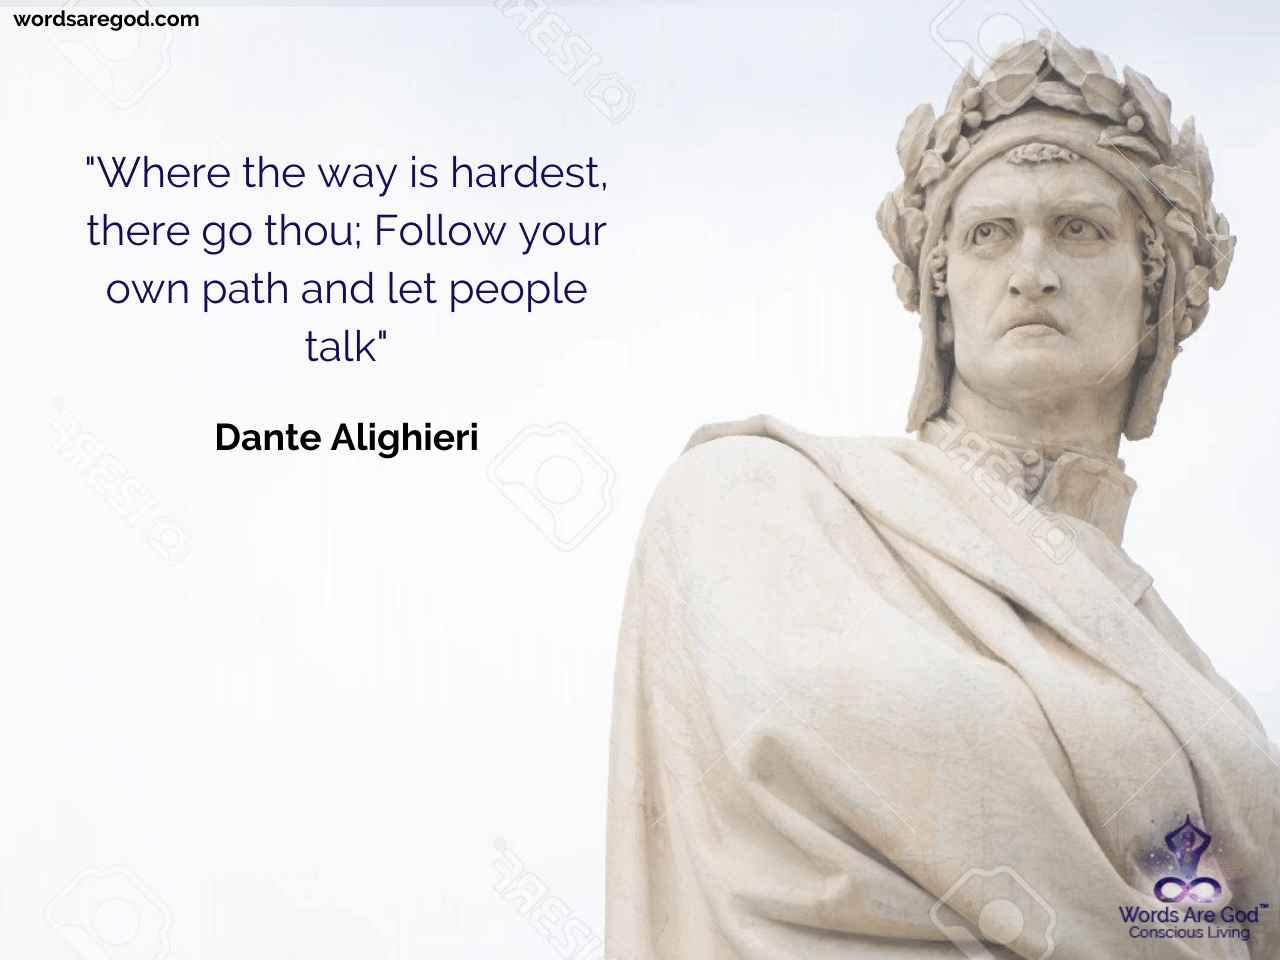 Dante Alighieri Motivational Quote